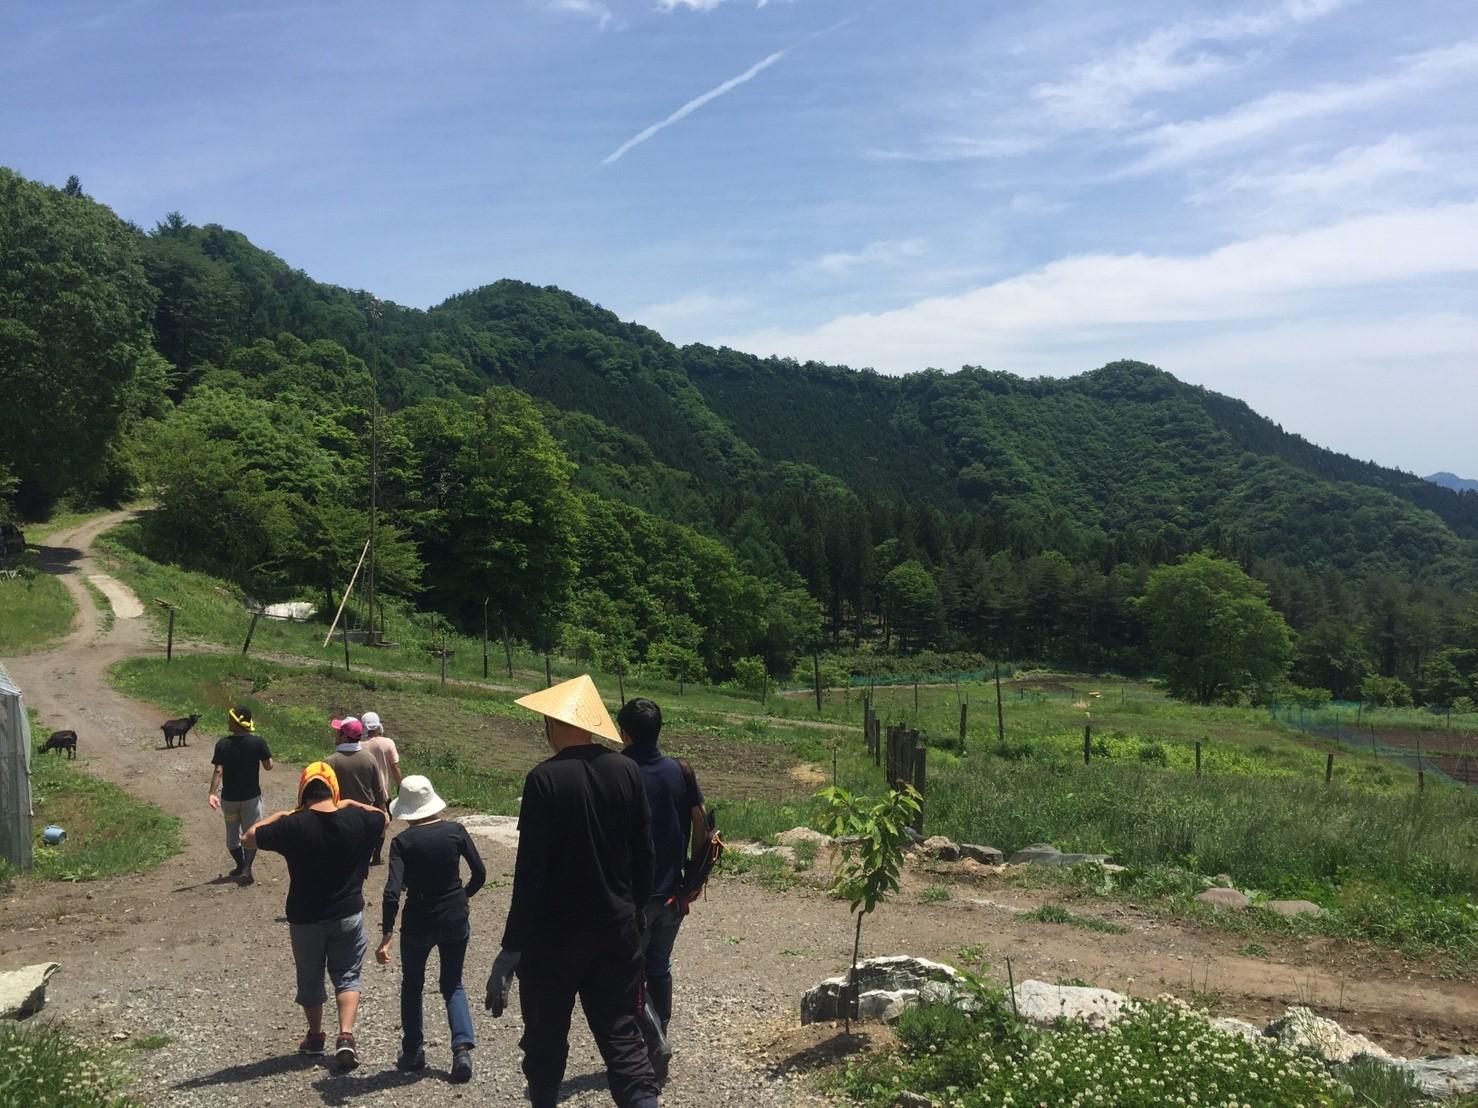 6b39b834521ade4c32d772d1fbd4ff14 - DASHA村の様なプロジェクト(群馬県神流町農場)